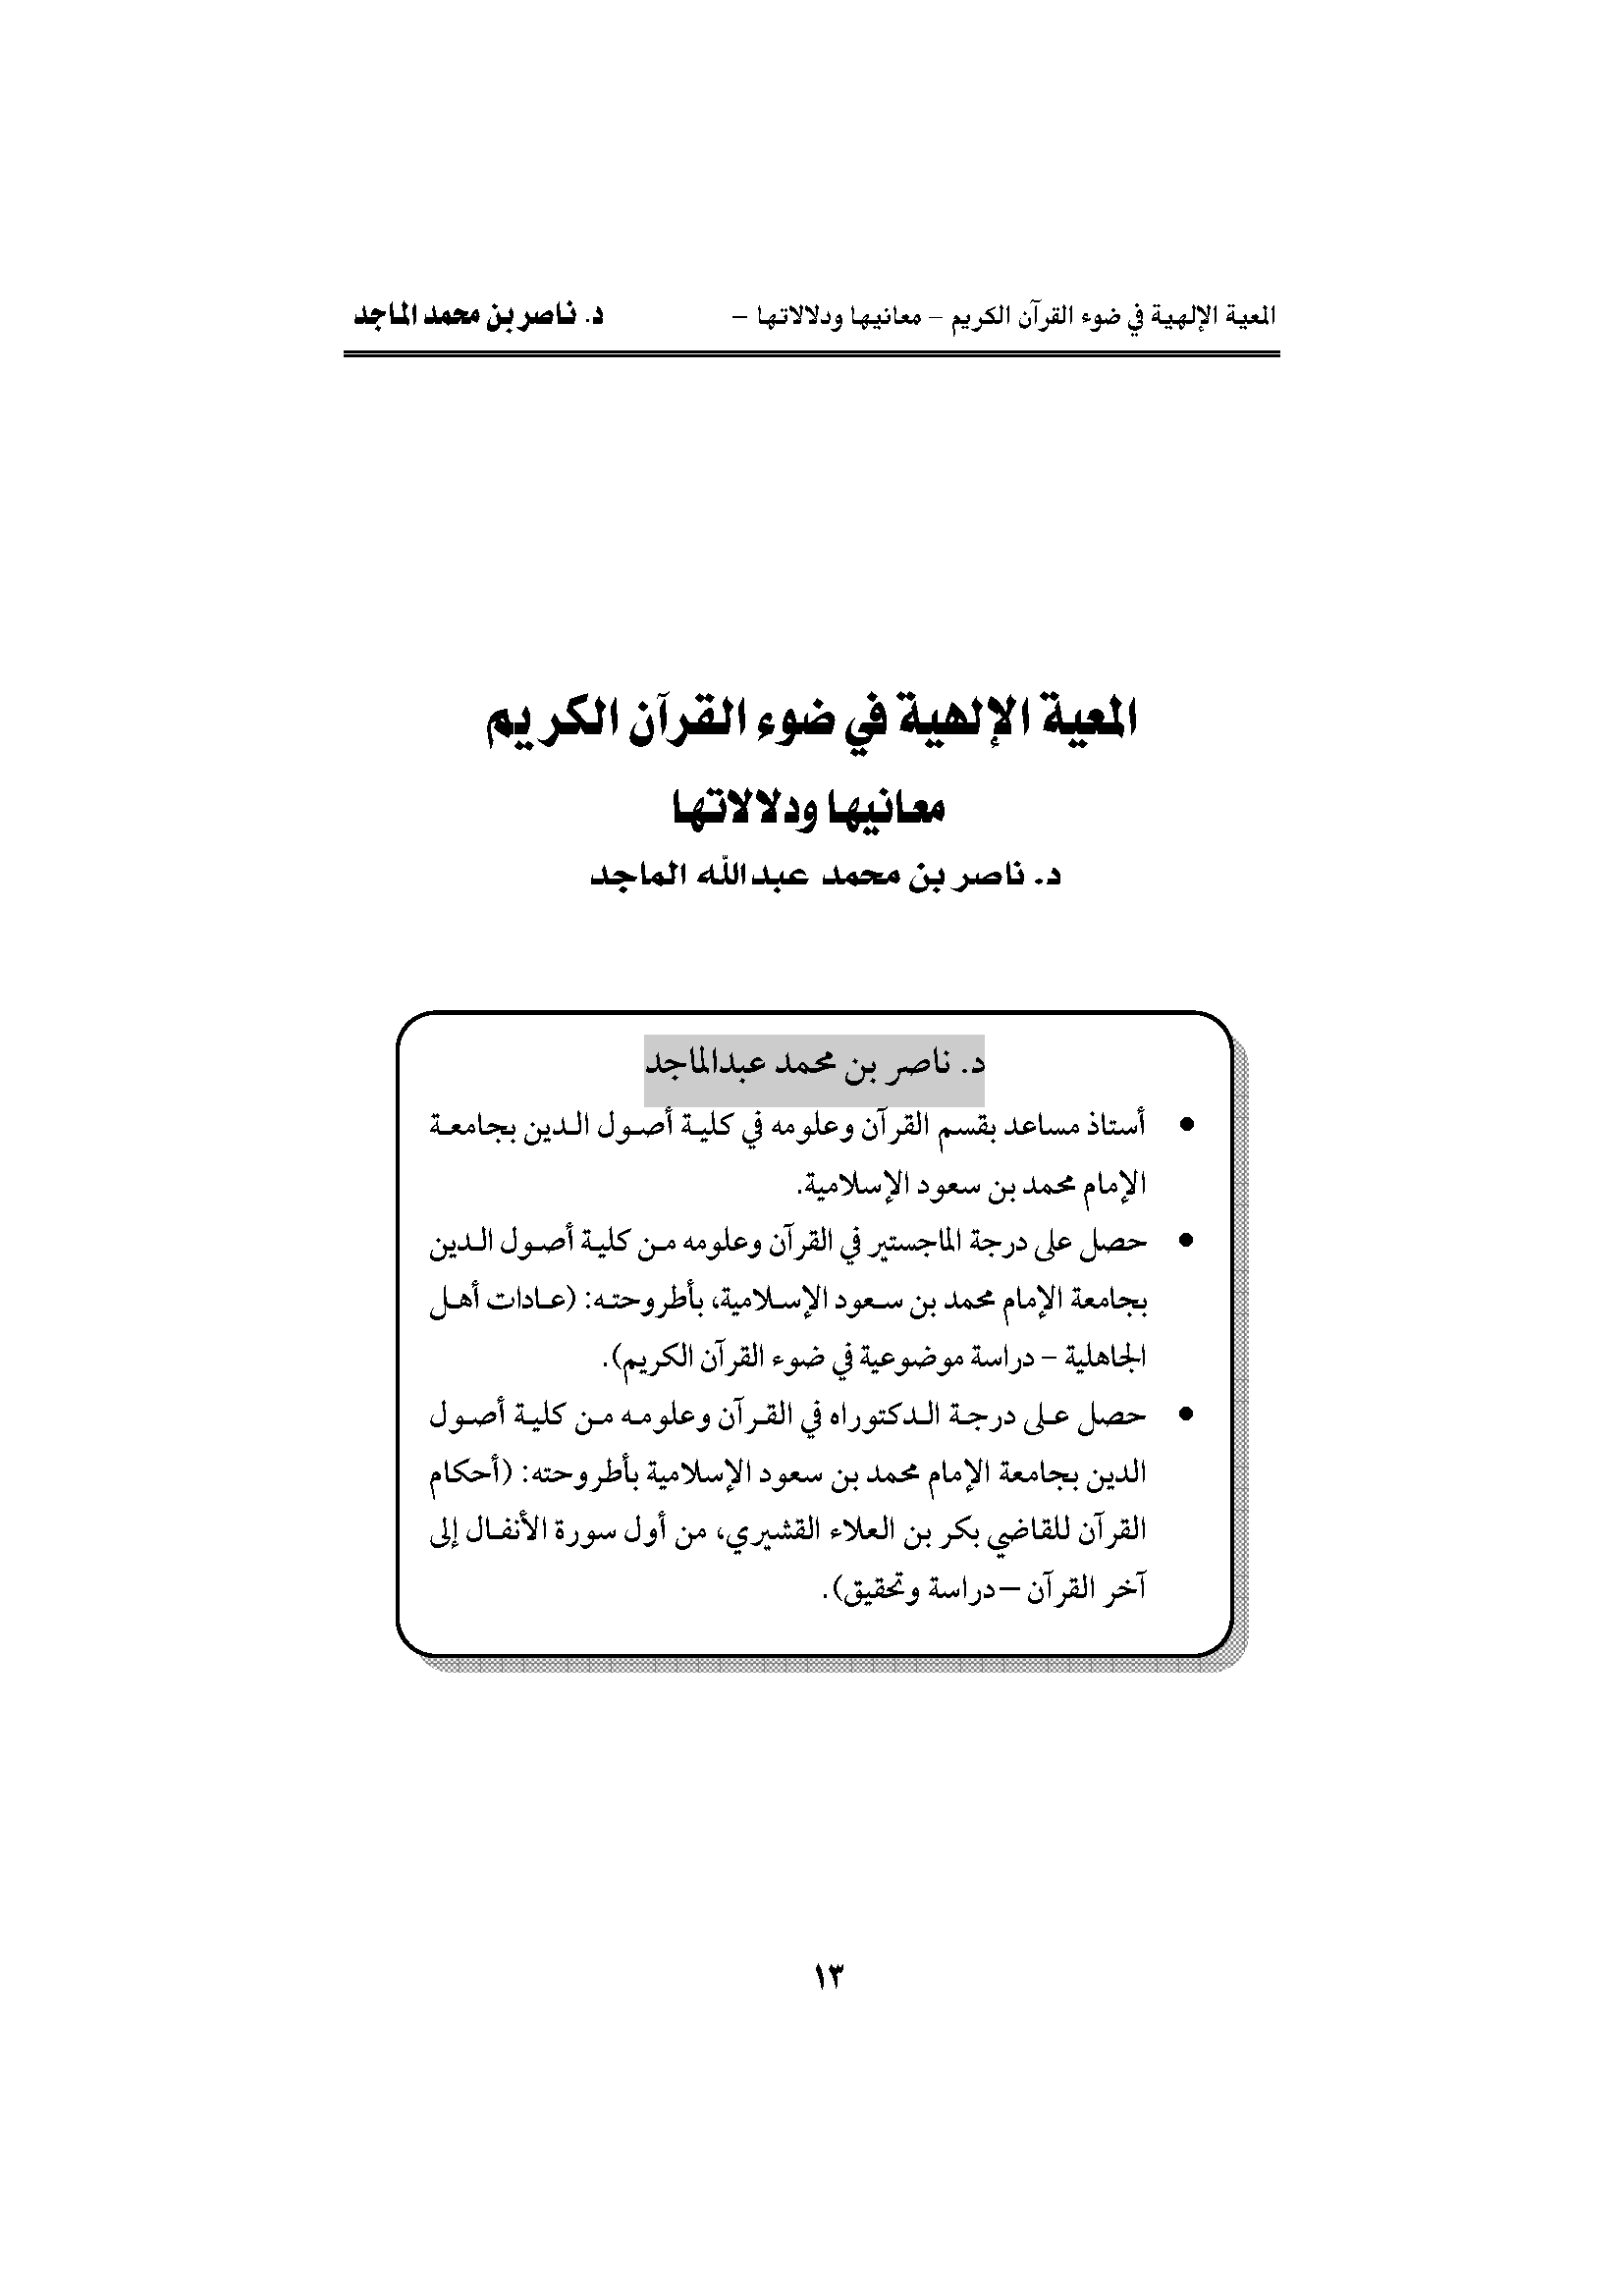 تحميل كتاب المعية الإلهية في ضوء القرآن الكريم: معانيها ودلالاتها لـِ: الدكتور ناصر بن محمد الماجد